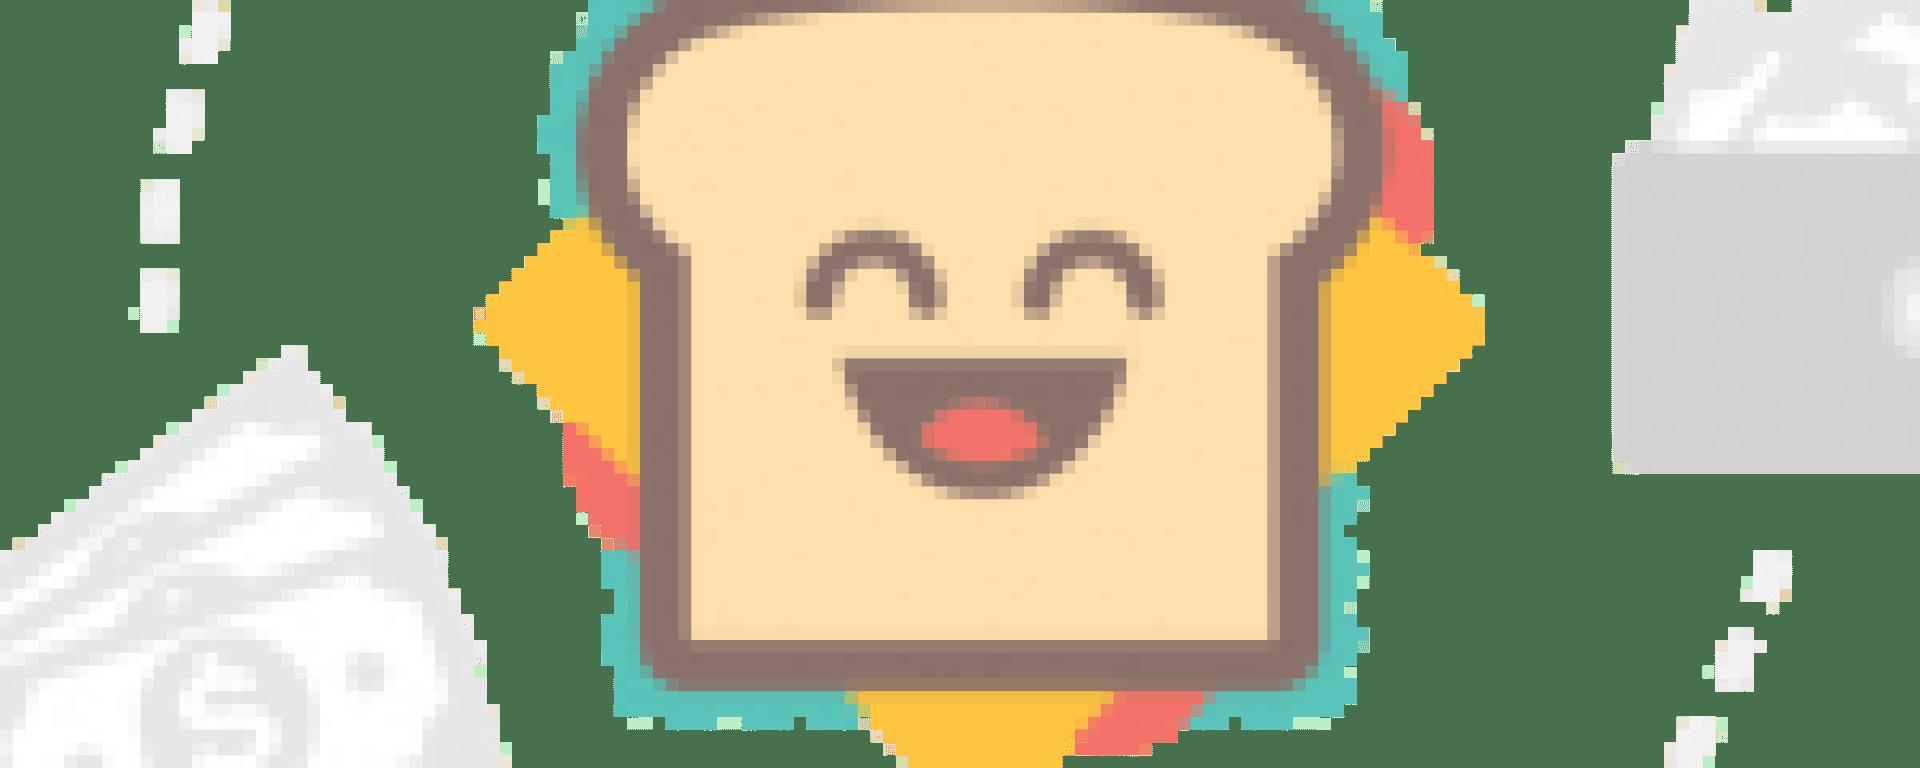 NarcoRubio